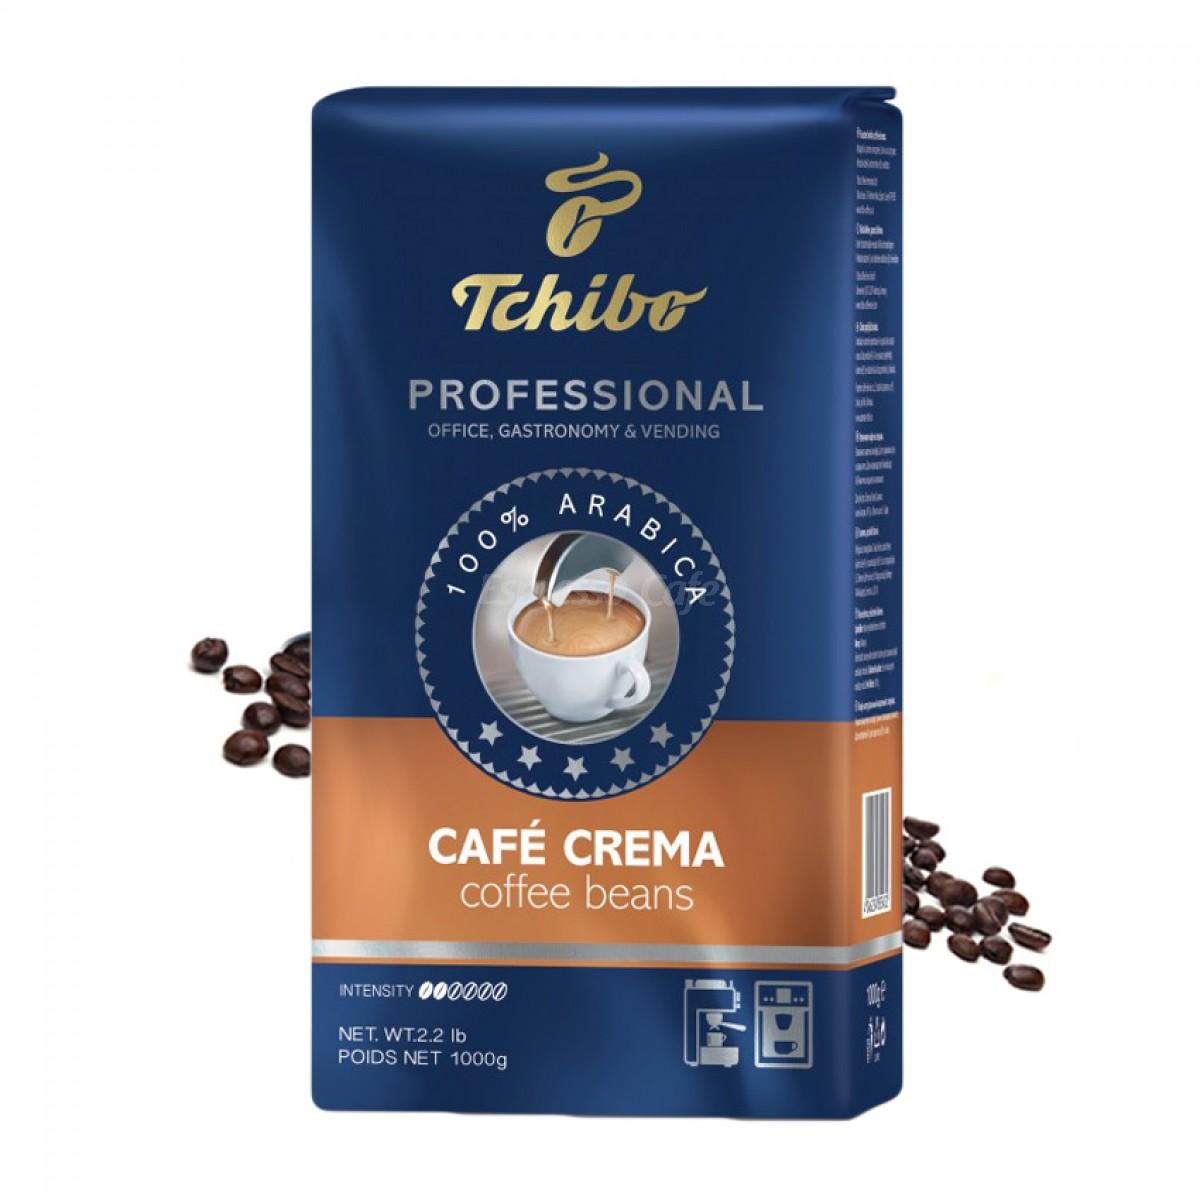 Tchibo Professional Caffe Crema cafea boabe 1 kg